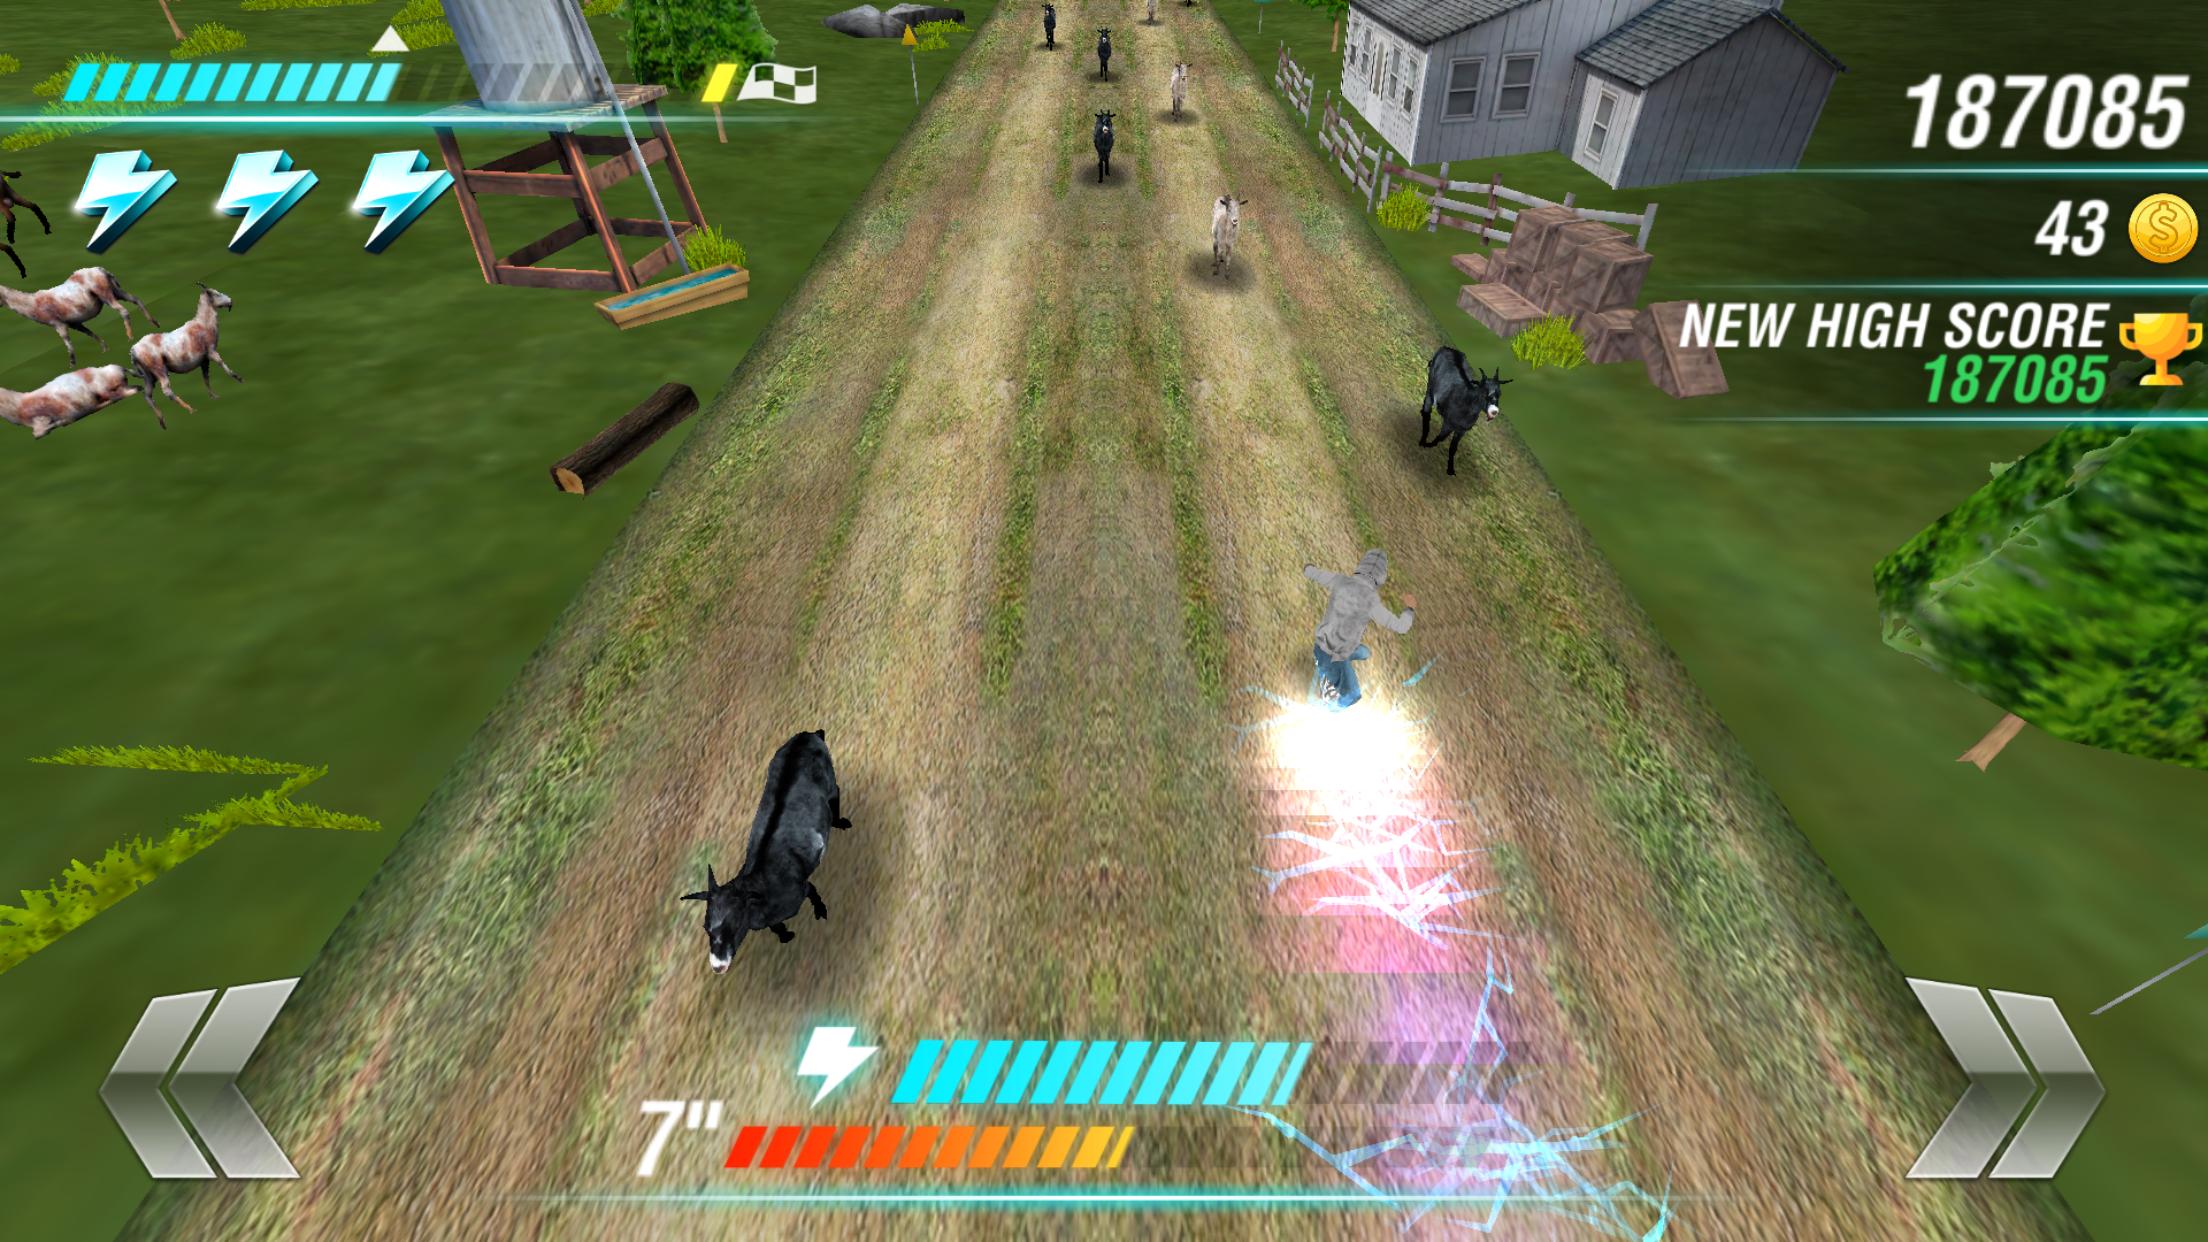 リアル スケートボード ヒーロー Real Skate Racing 3D androidアプリスクリーンショット3